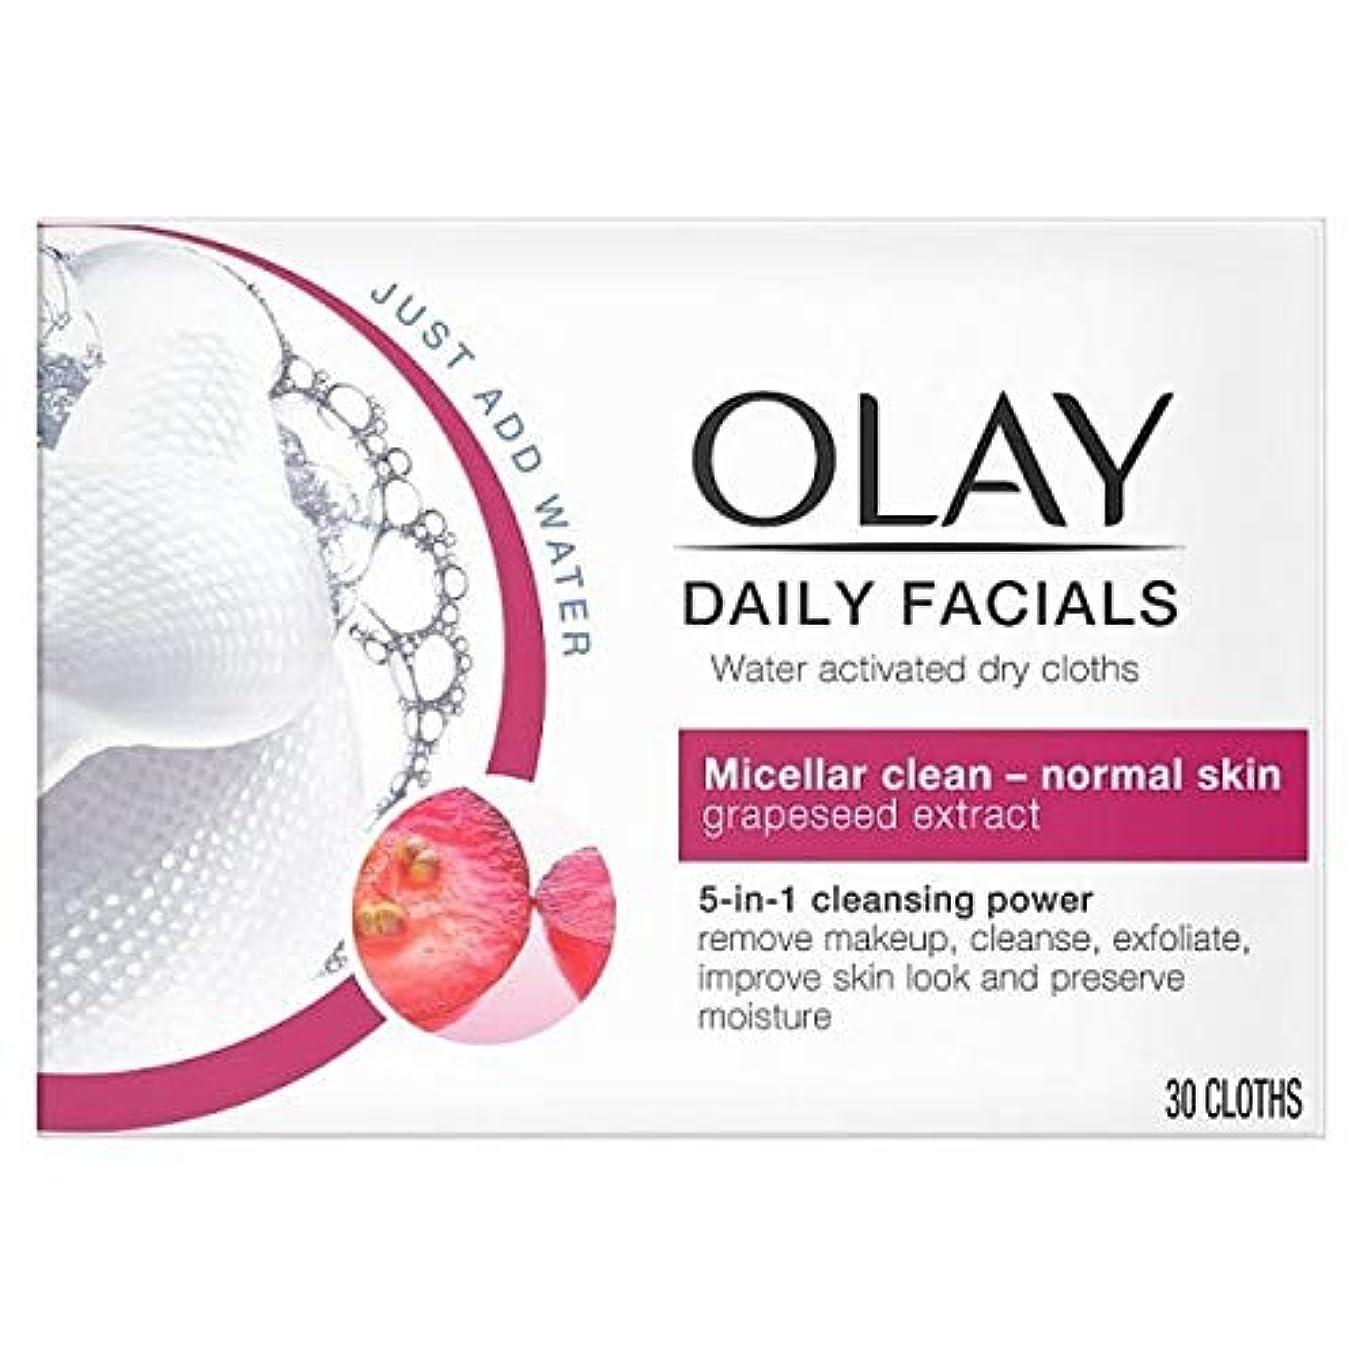 バトルスタジアム娯楽[Olay ] オーレイ毎日フェイシャル5-In1は乾燥布 - 正常な皮膚 - Olay Daily Facials 5-in1 Dry Cloths - Normal Skin [並行輸入品]